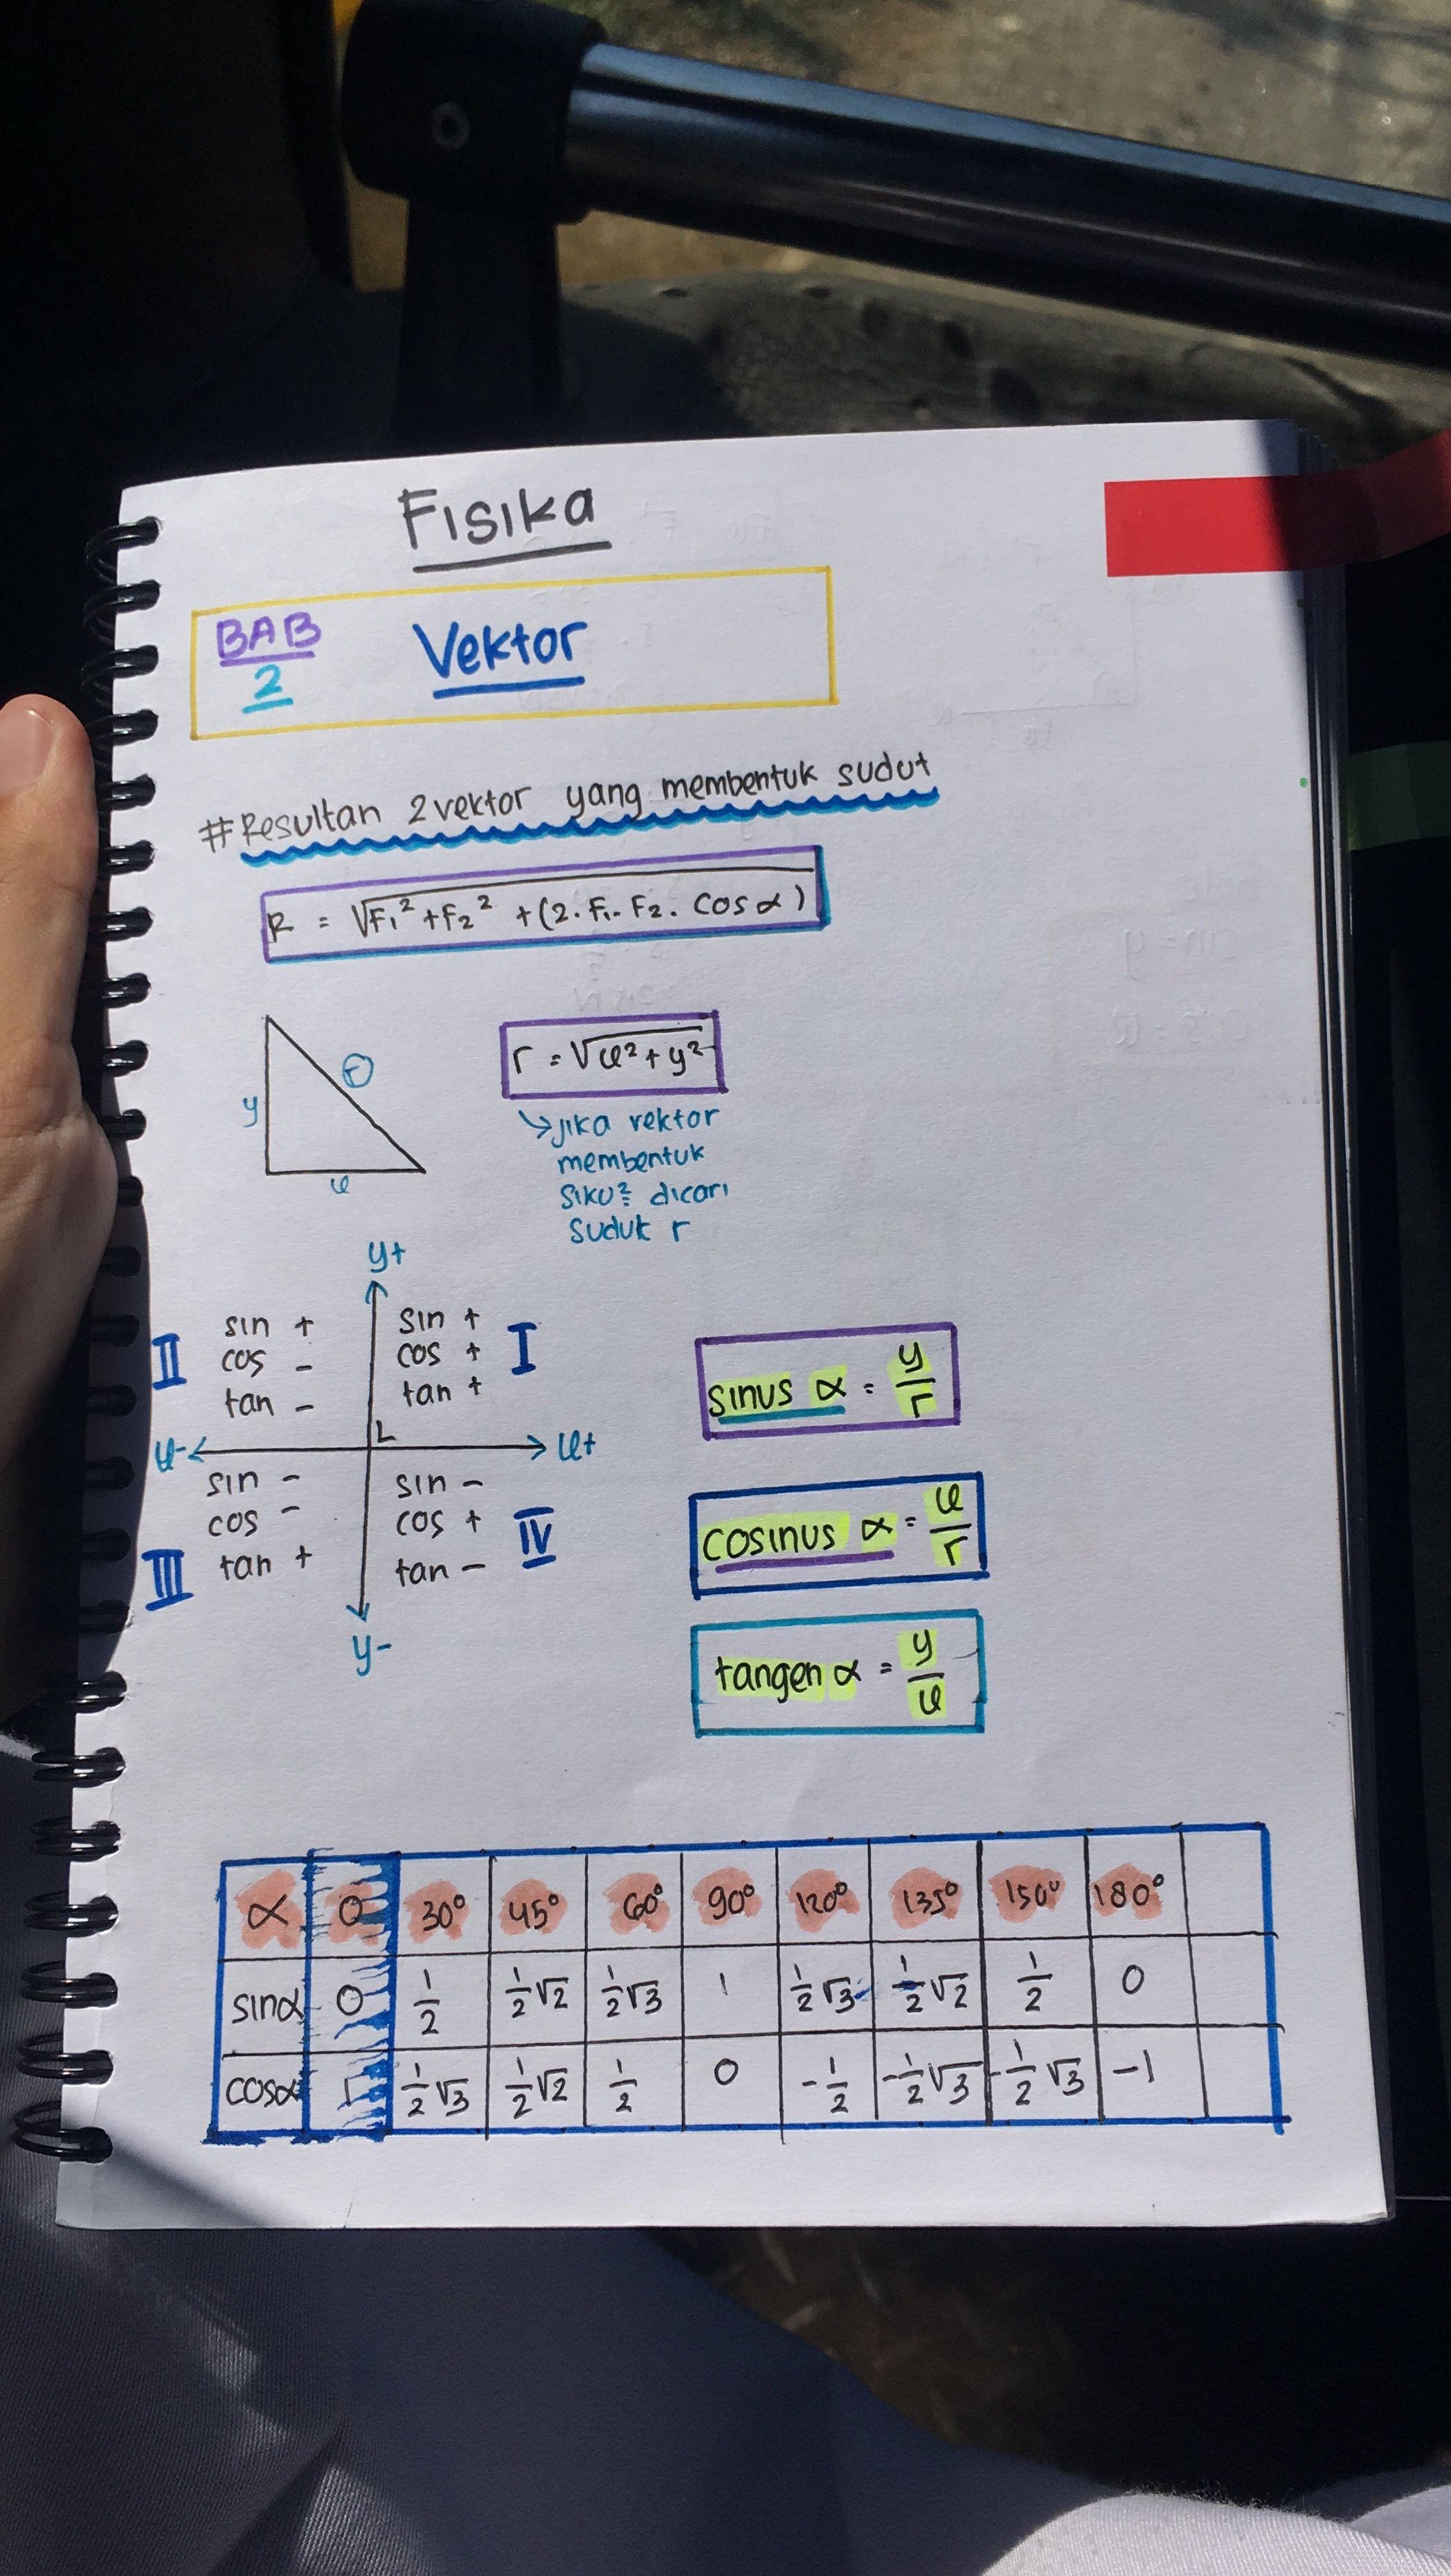 Materi Vektor Fisika Kelas 10 : materi, vektor, fisika, kelas, Vektor, Pelajaran, Matematika,, Fisika,, Tulis